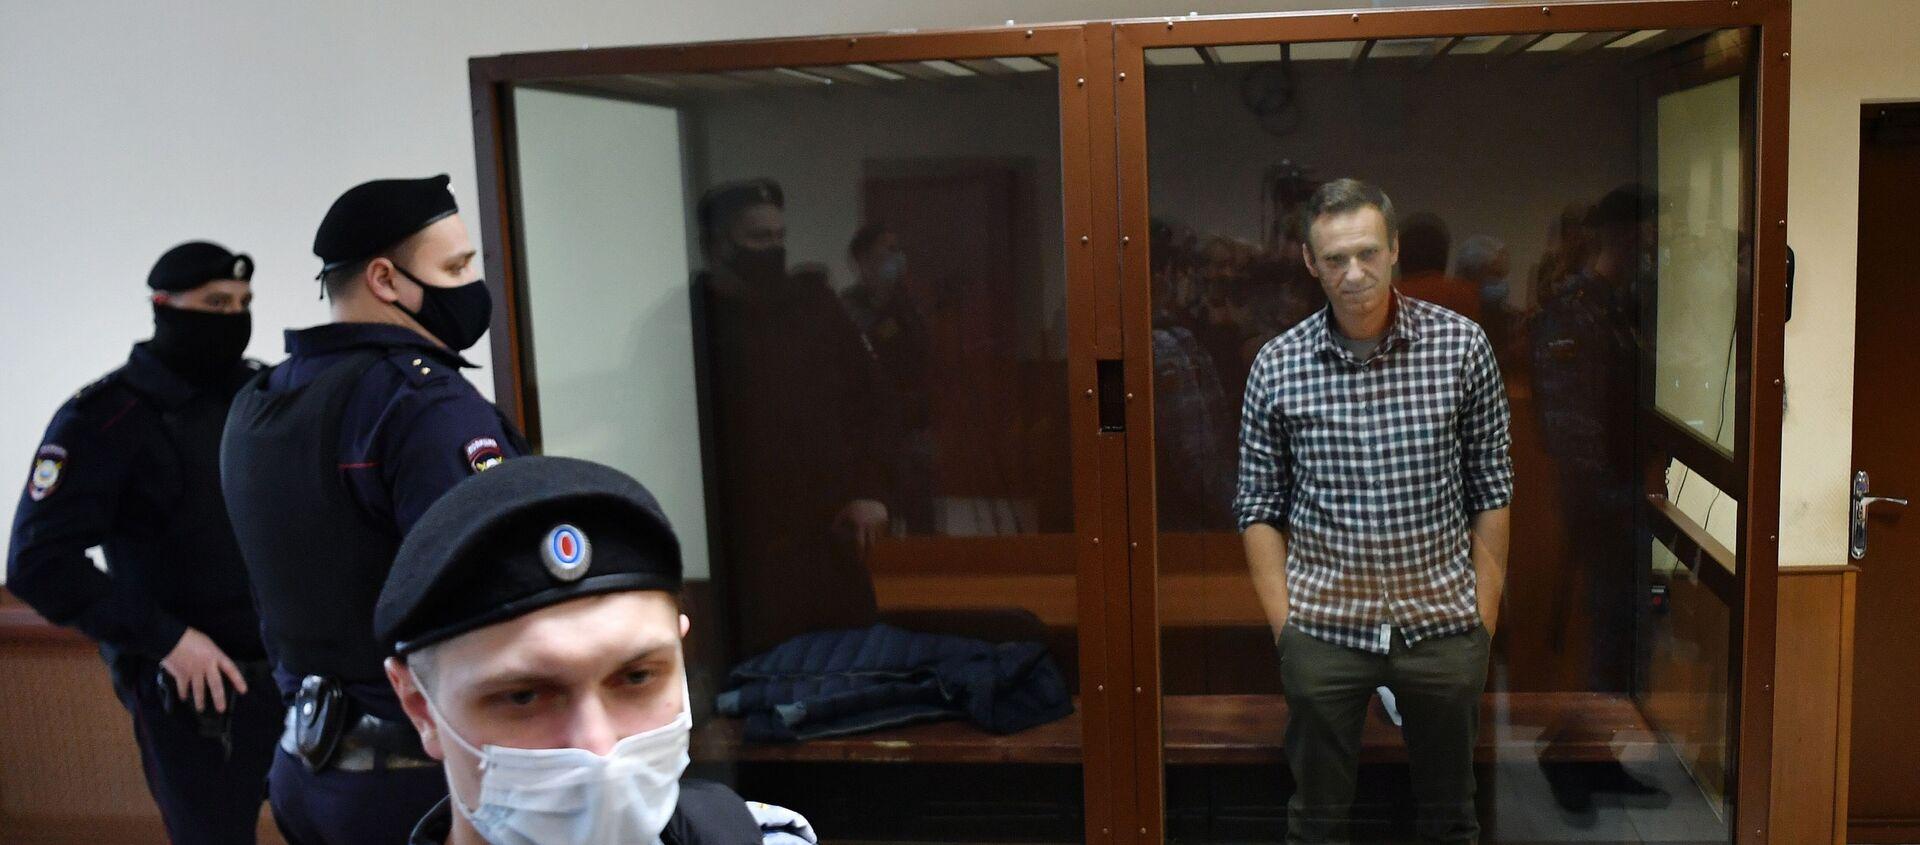 Алексей Навальный в зале Бабушкинского районного суда - Sputnik Таджикистан, 1920, 04.03.2021